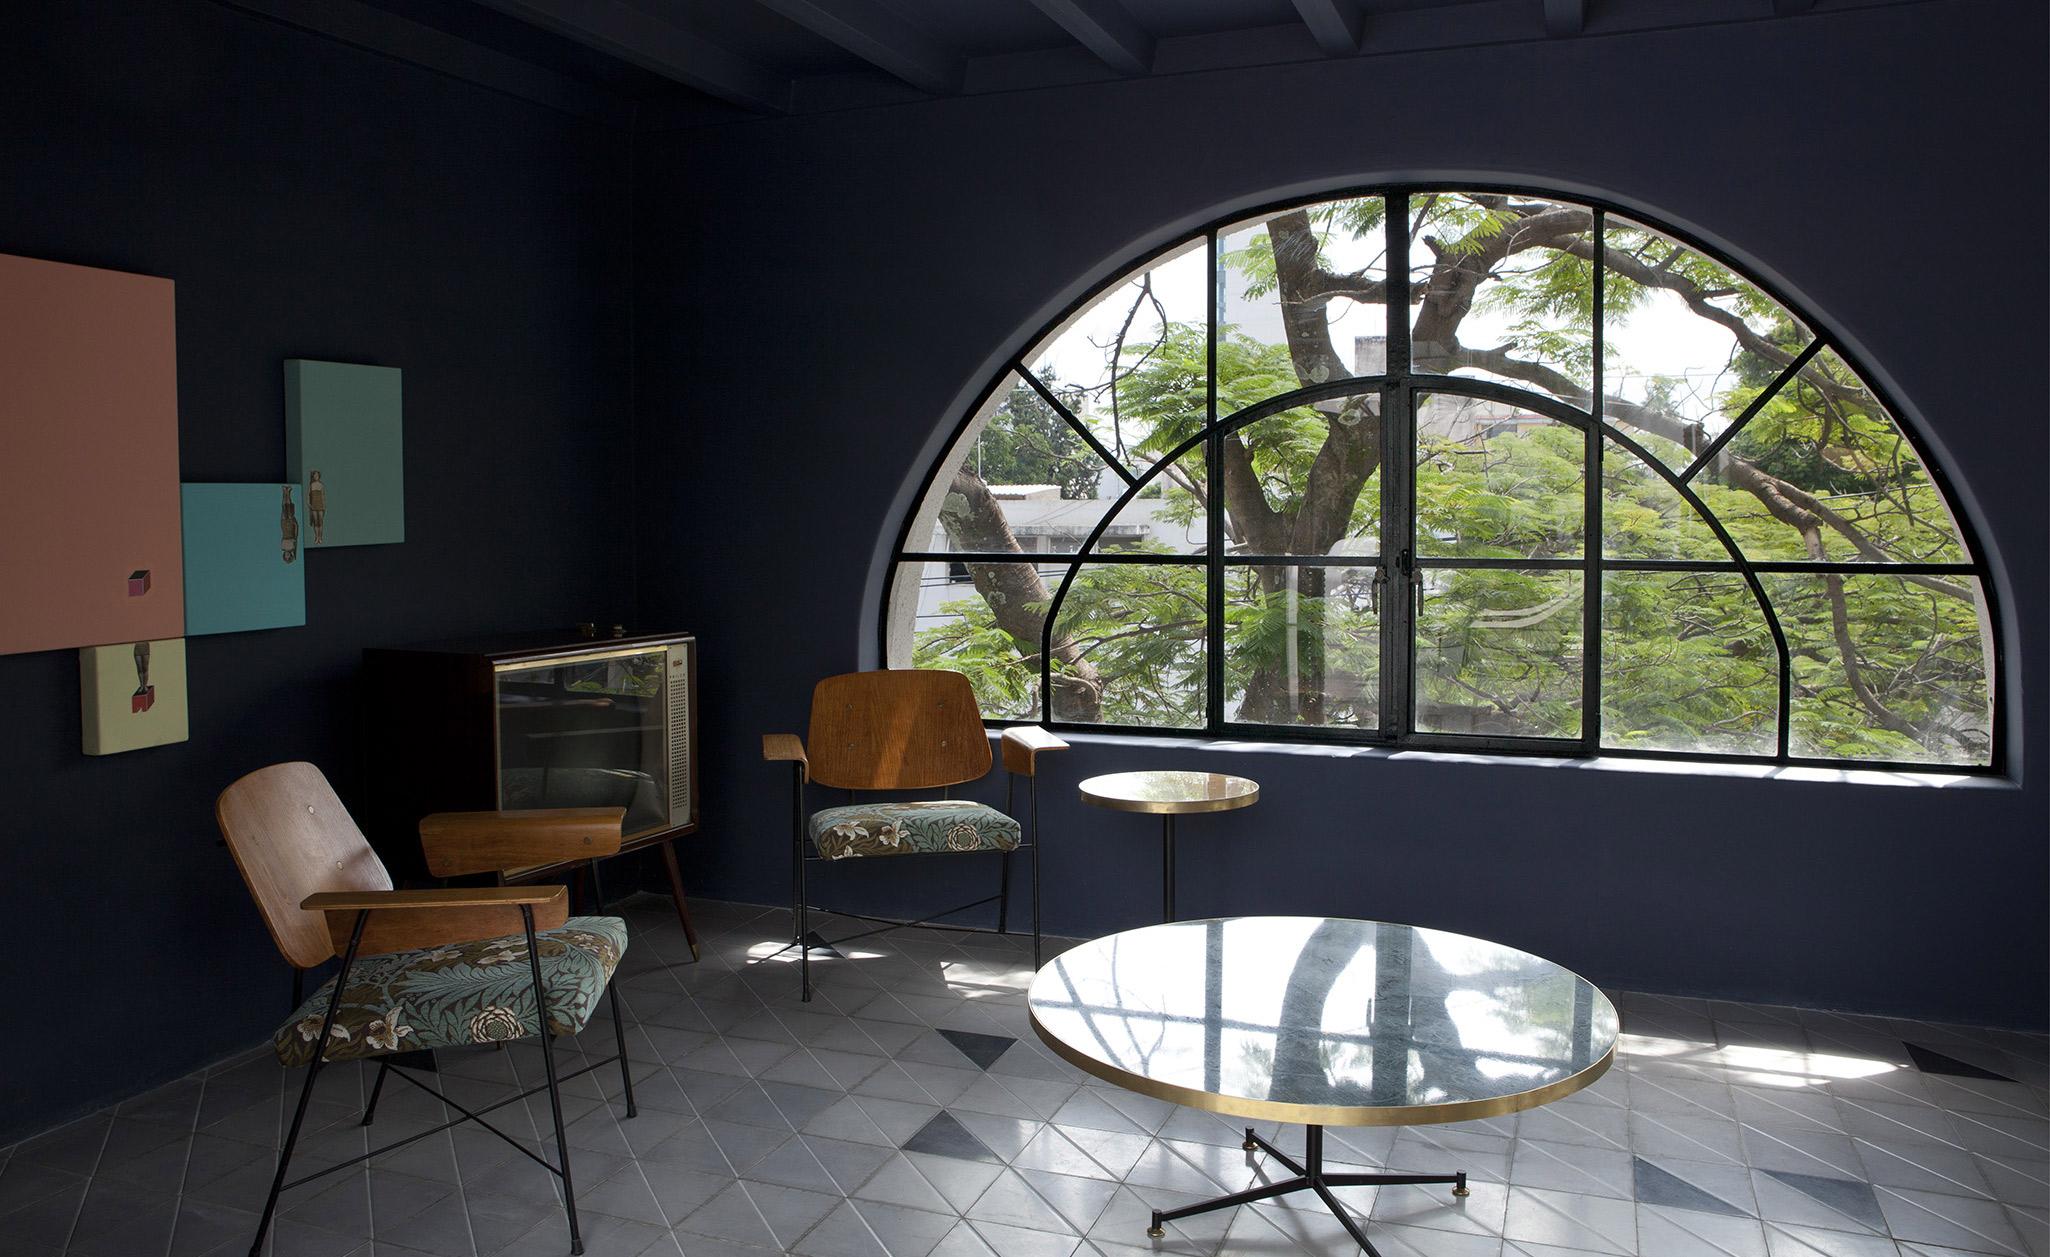 casa-fayette-hotel-Guadalajara-mexico-dimore-studio